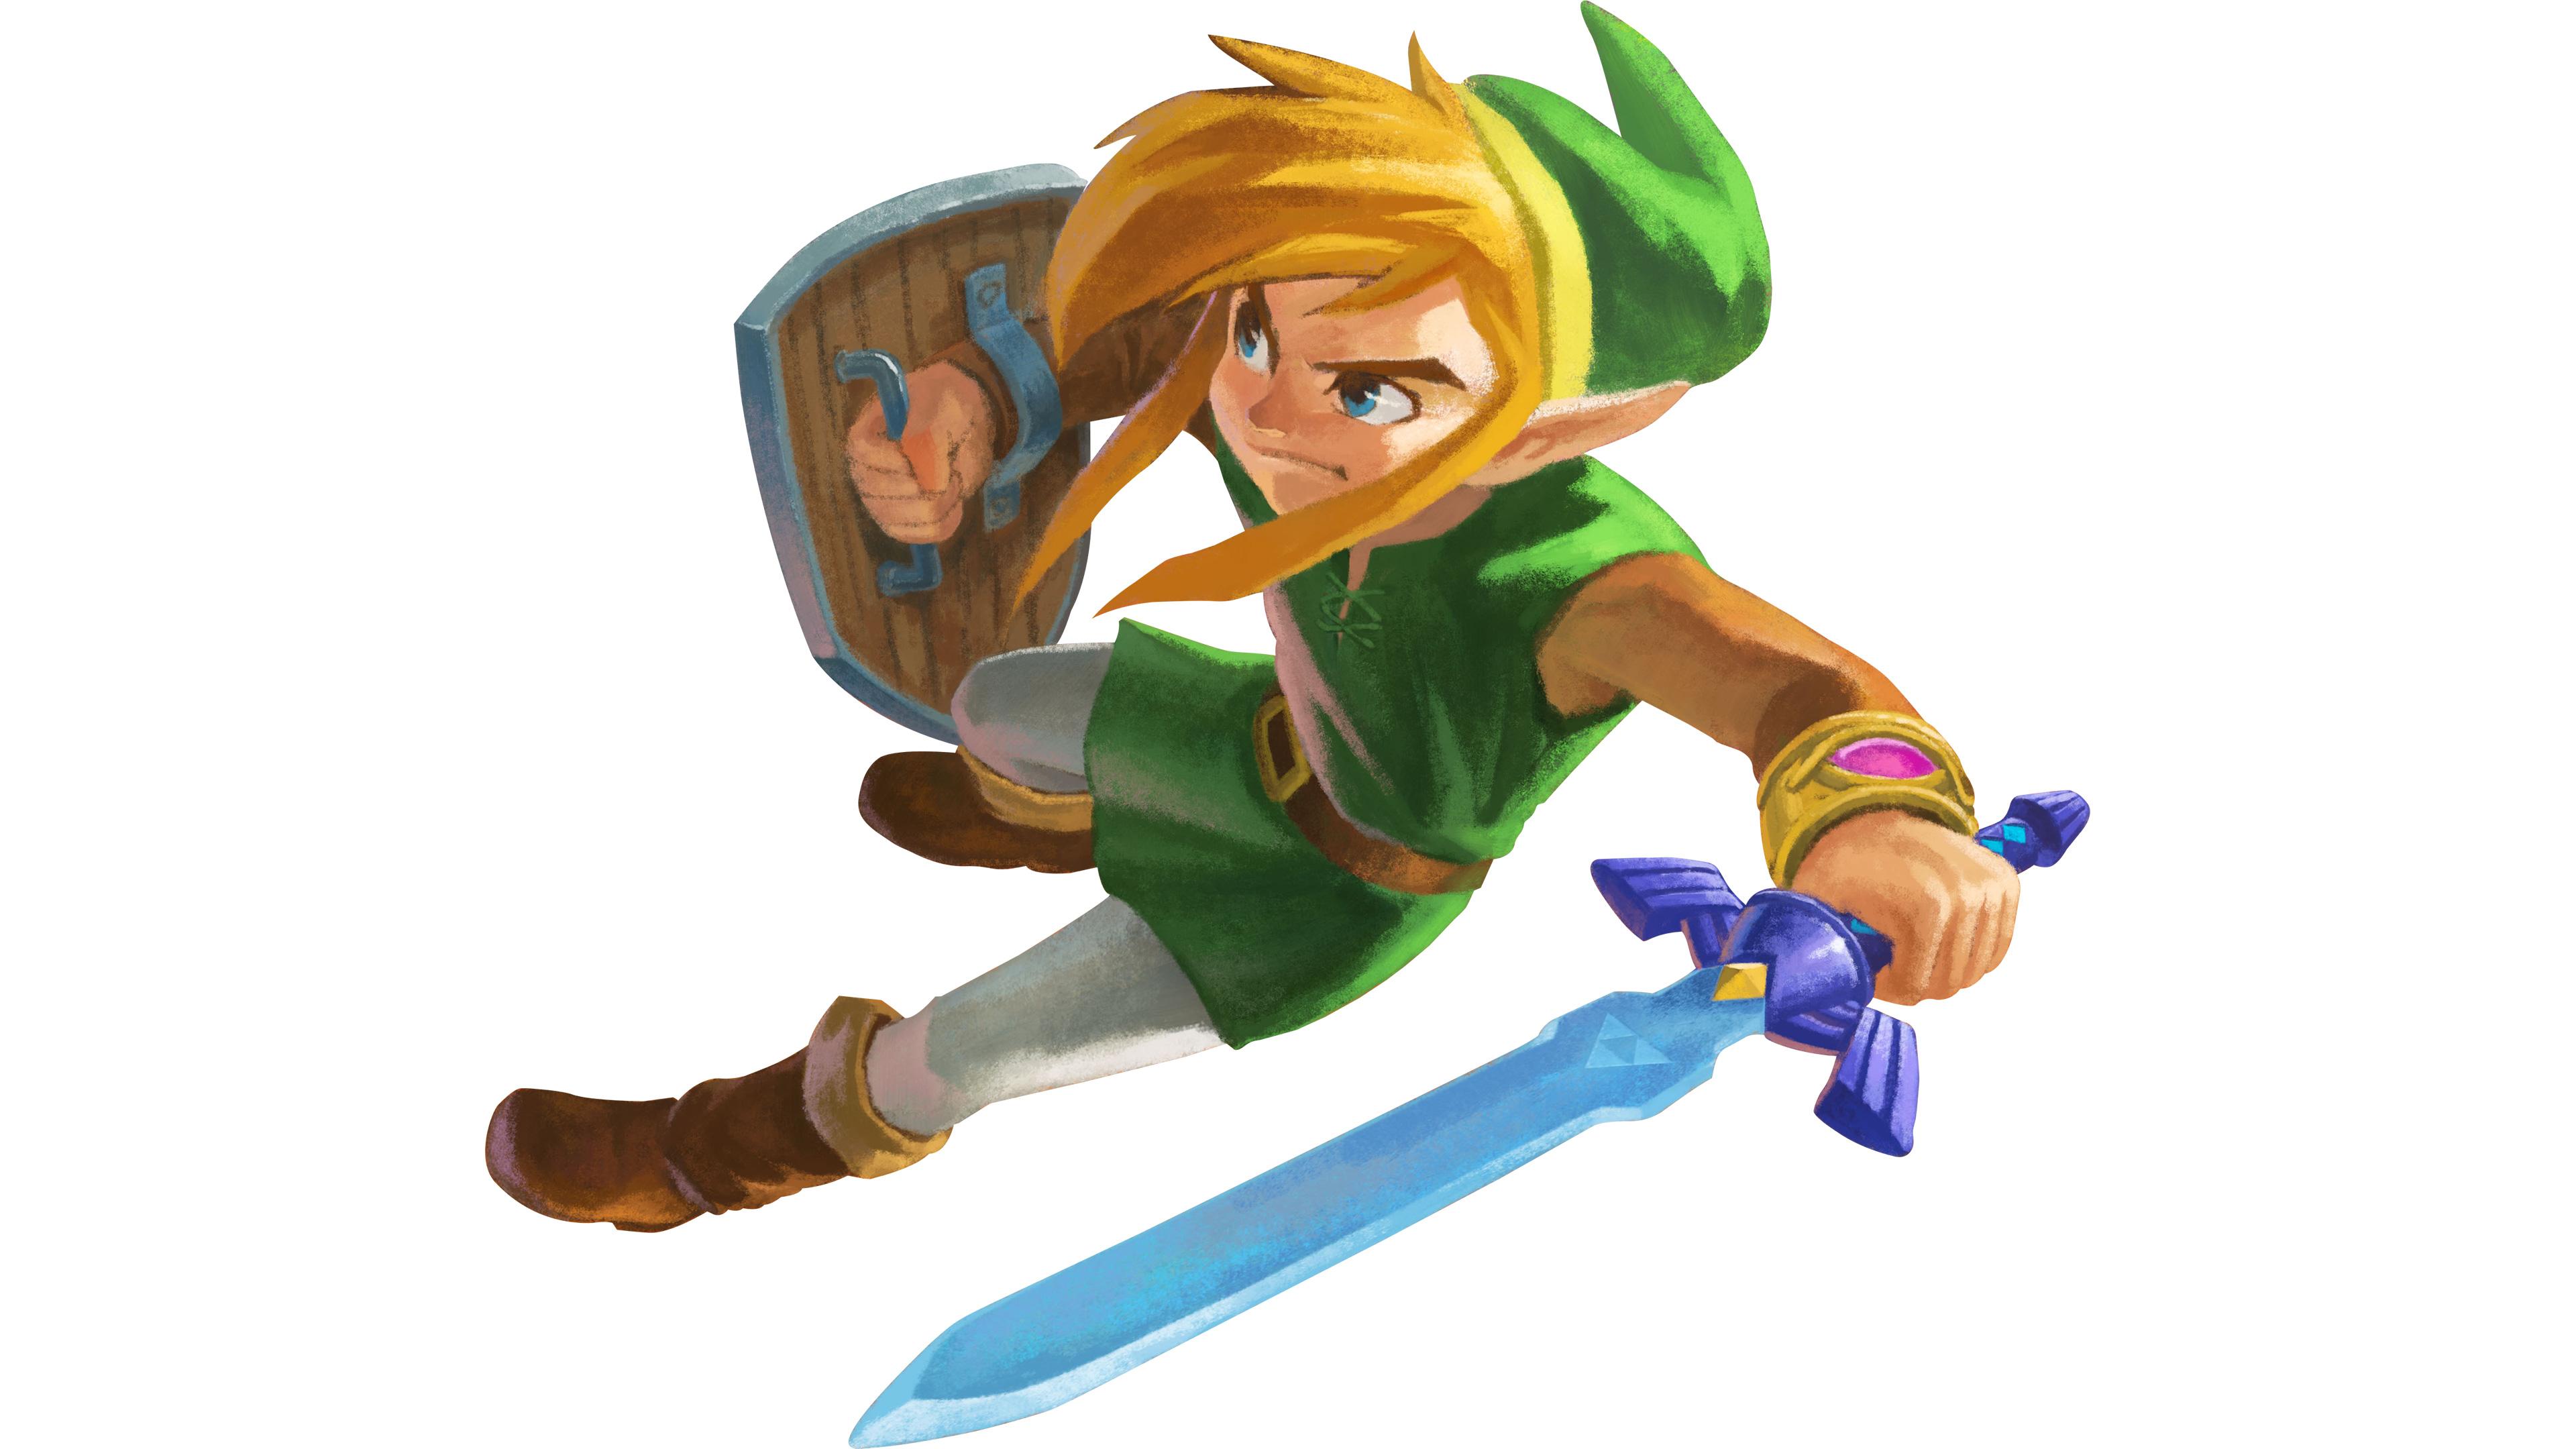 The Legend Of Zelda A Link Between Worlds Hd Games 4k Wallpapers